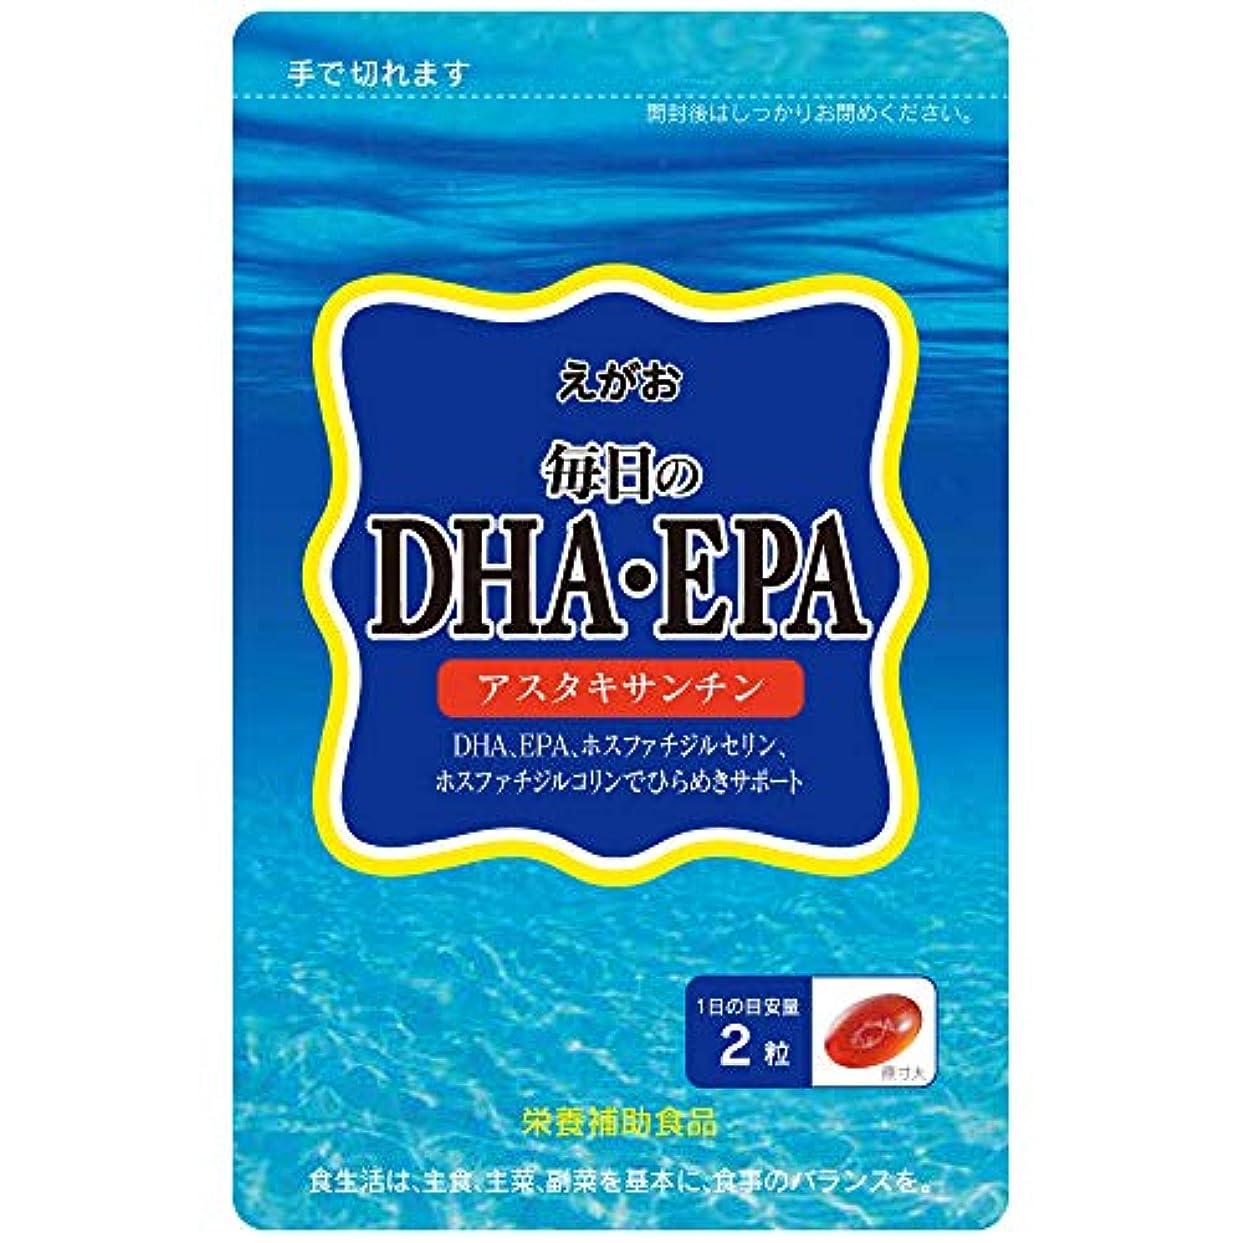 増強サークル計り知れないえがお 毎日の DHA ? EPA 【1袋】(1袋/62粒入り 約1ヵ月分) 栄養補助食品